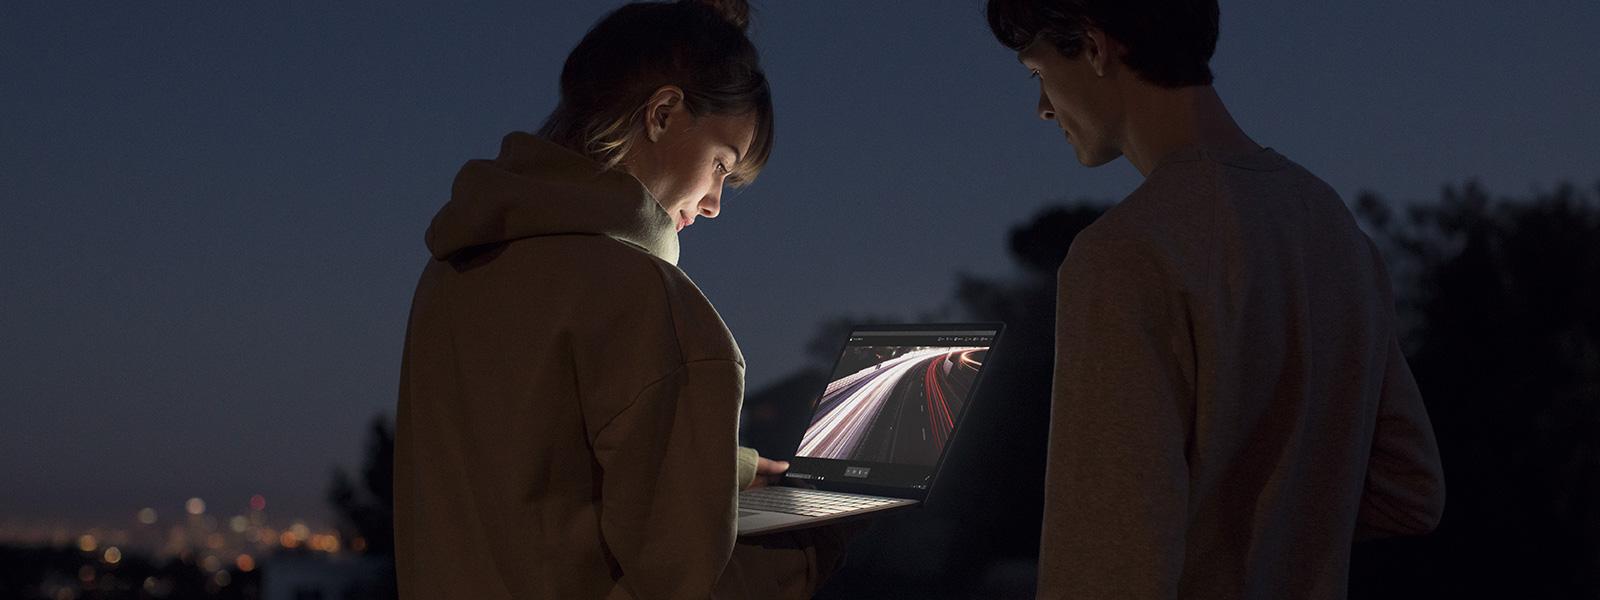 Dwie osoby korzystające z urządzenia Surface w ciemności